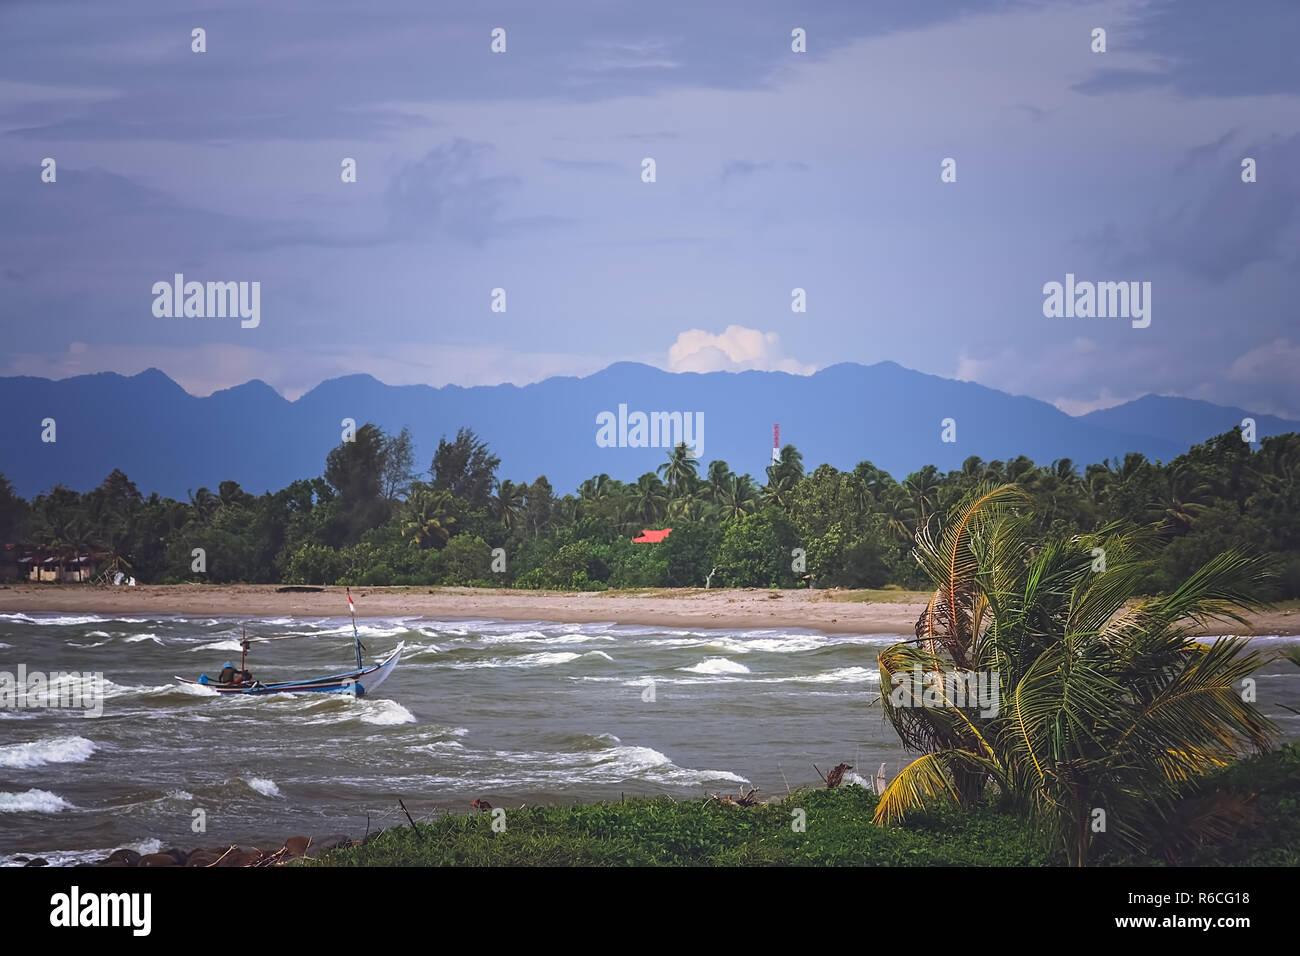 El mar embravecido en la costa de Sumatra Foto de stock